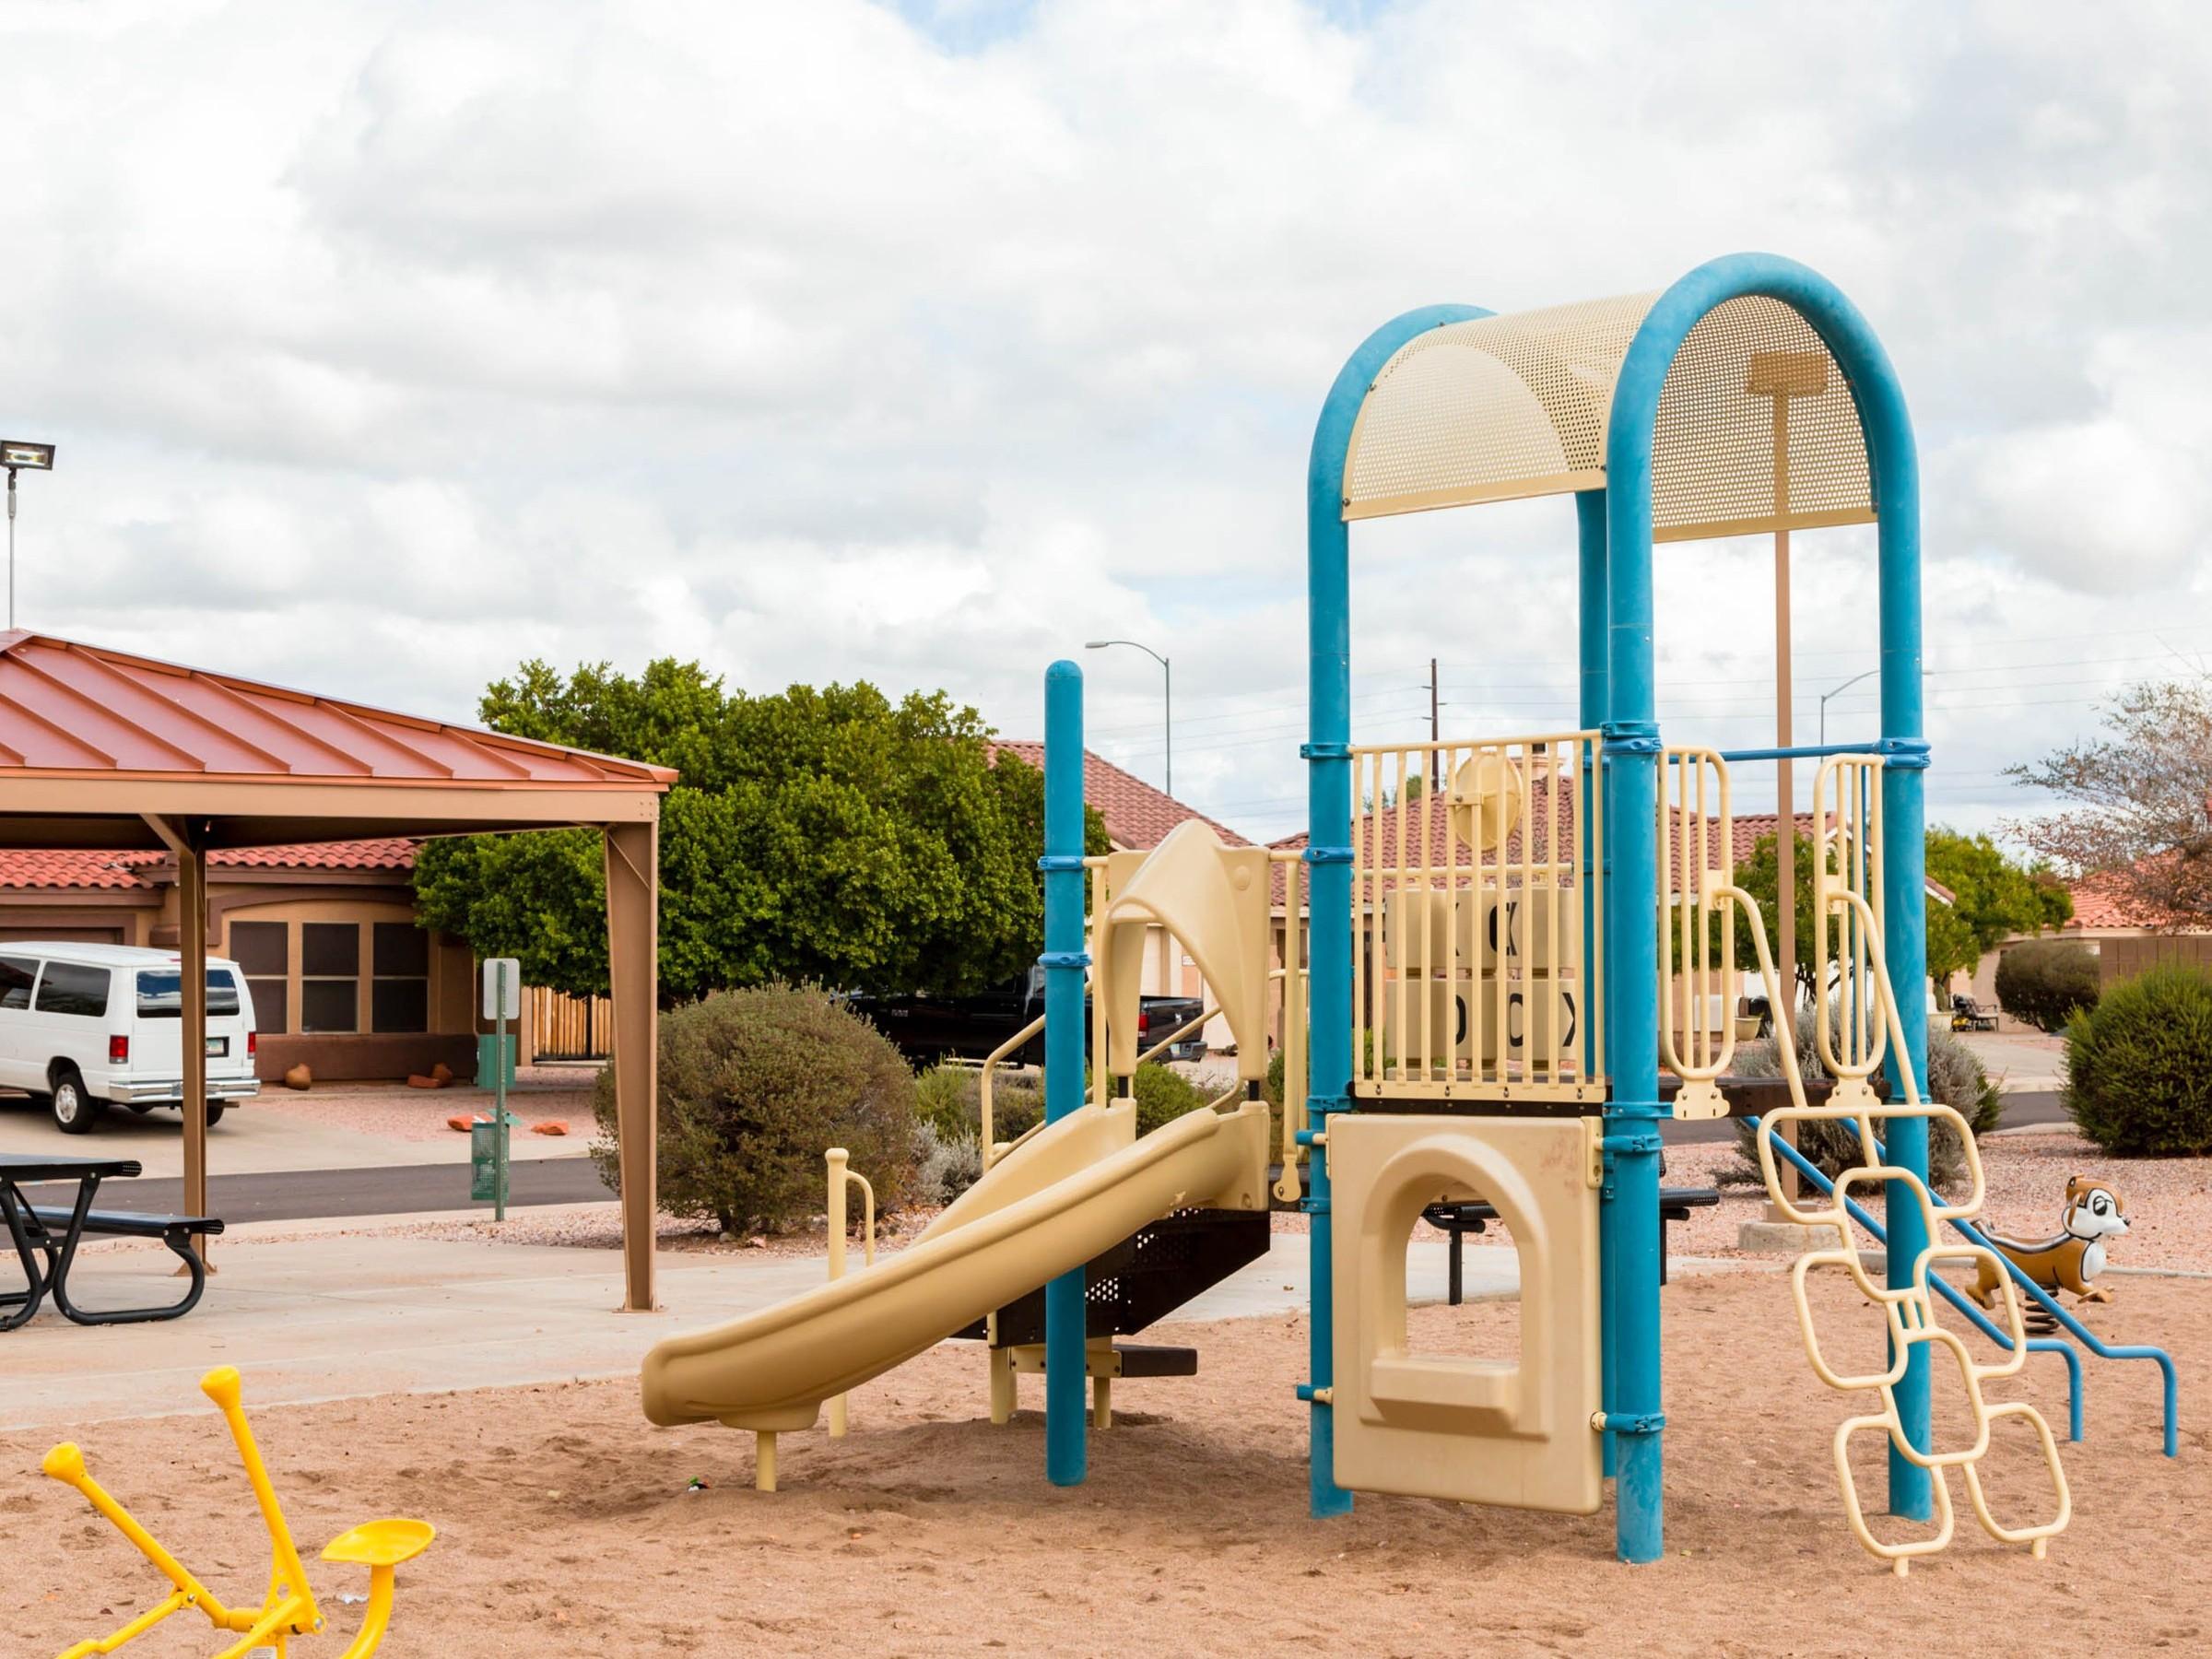 Signal Butte Community Park